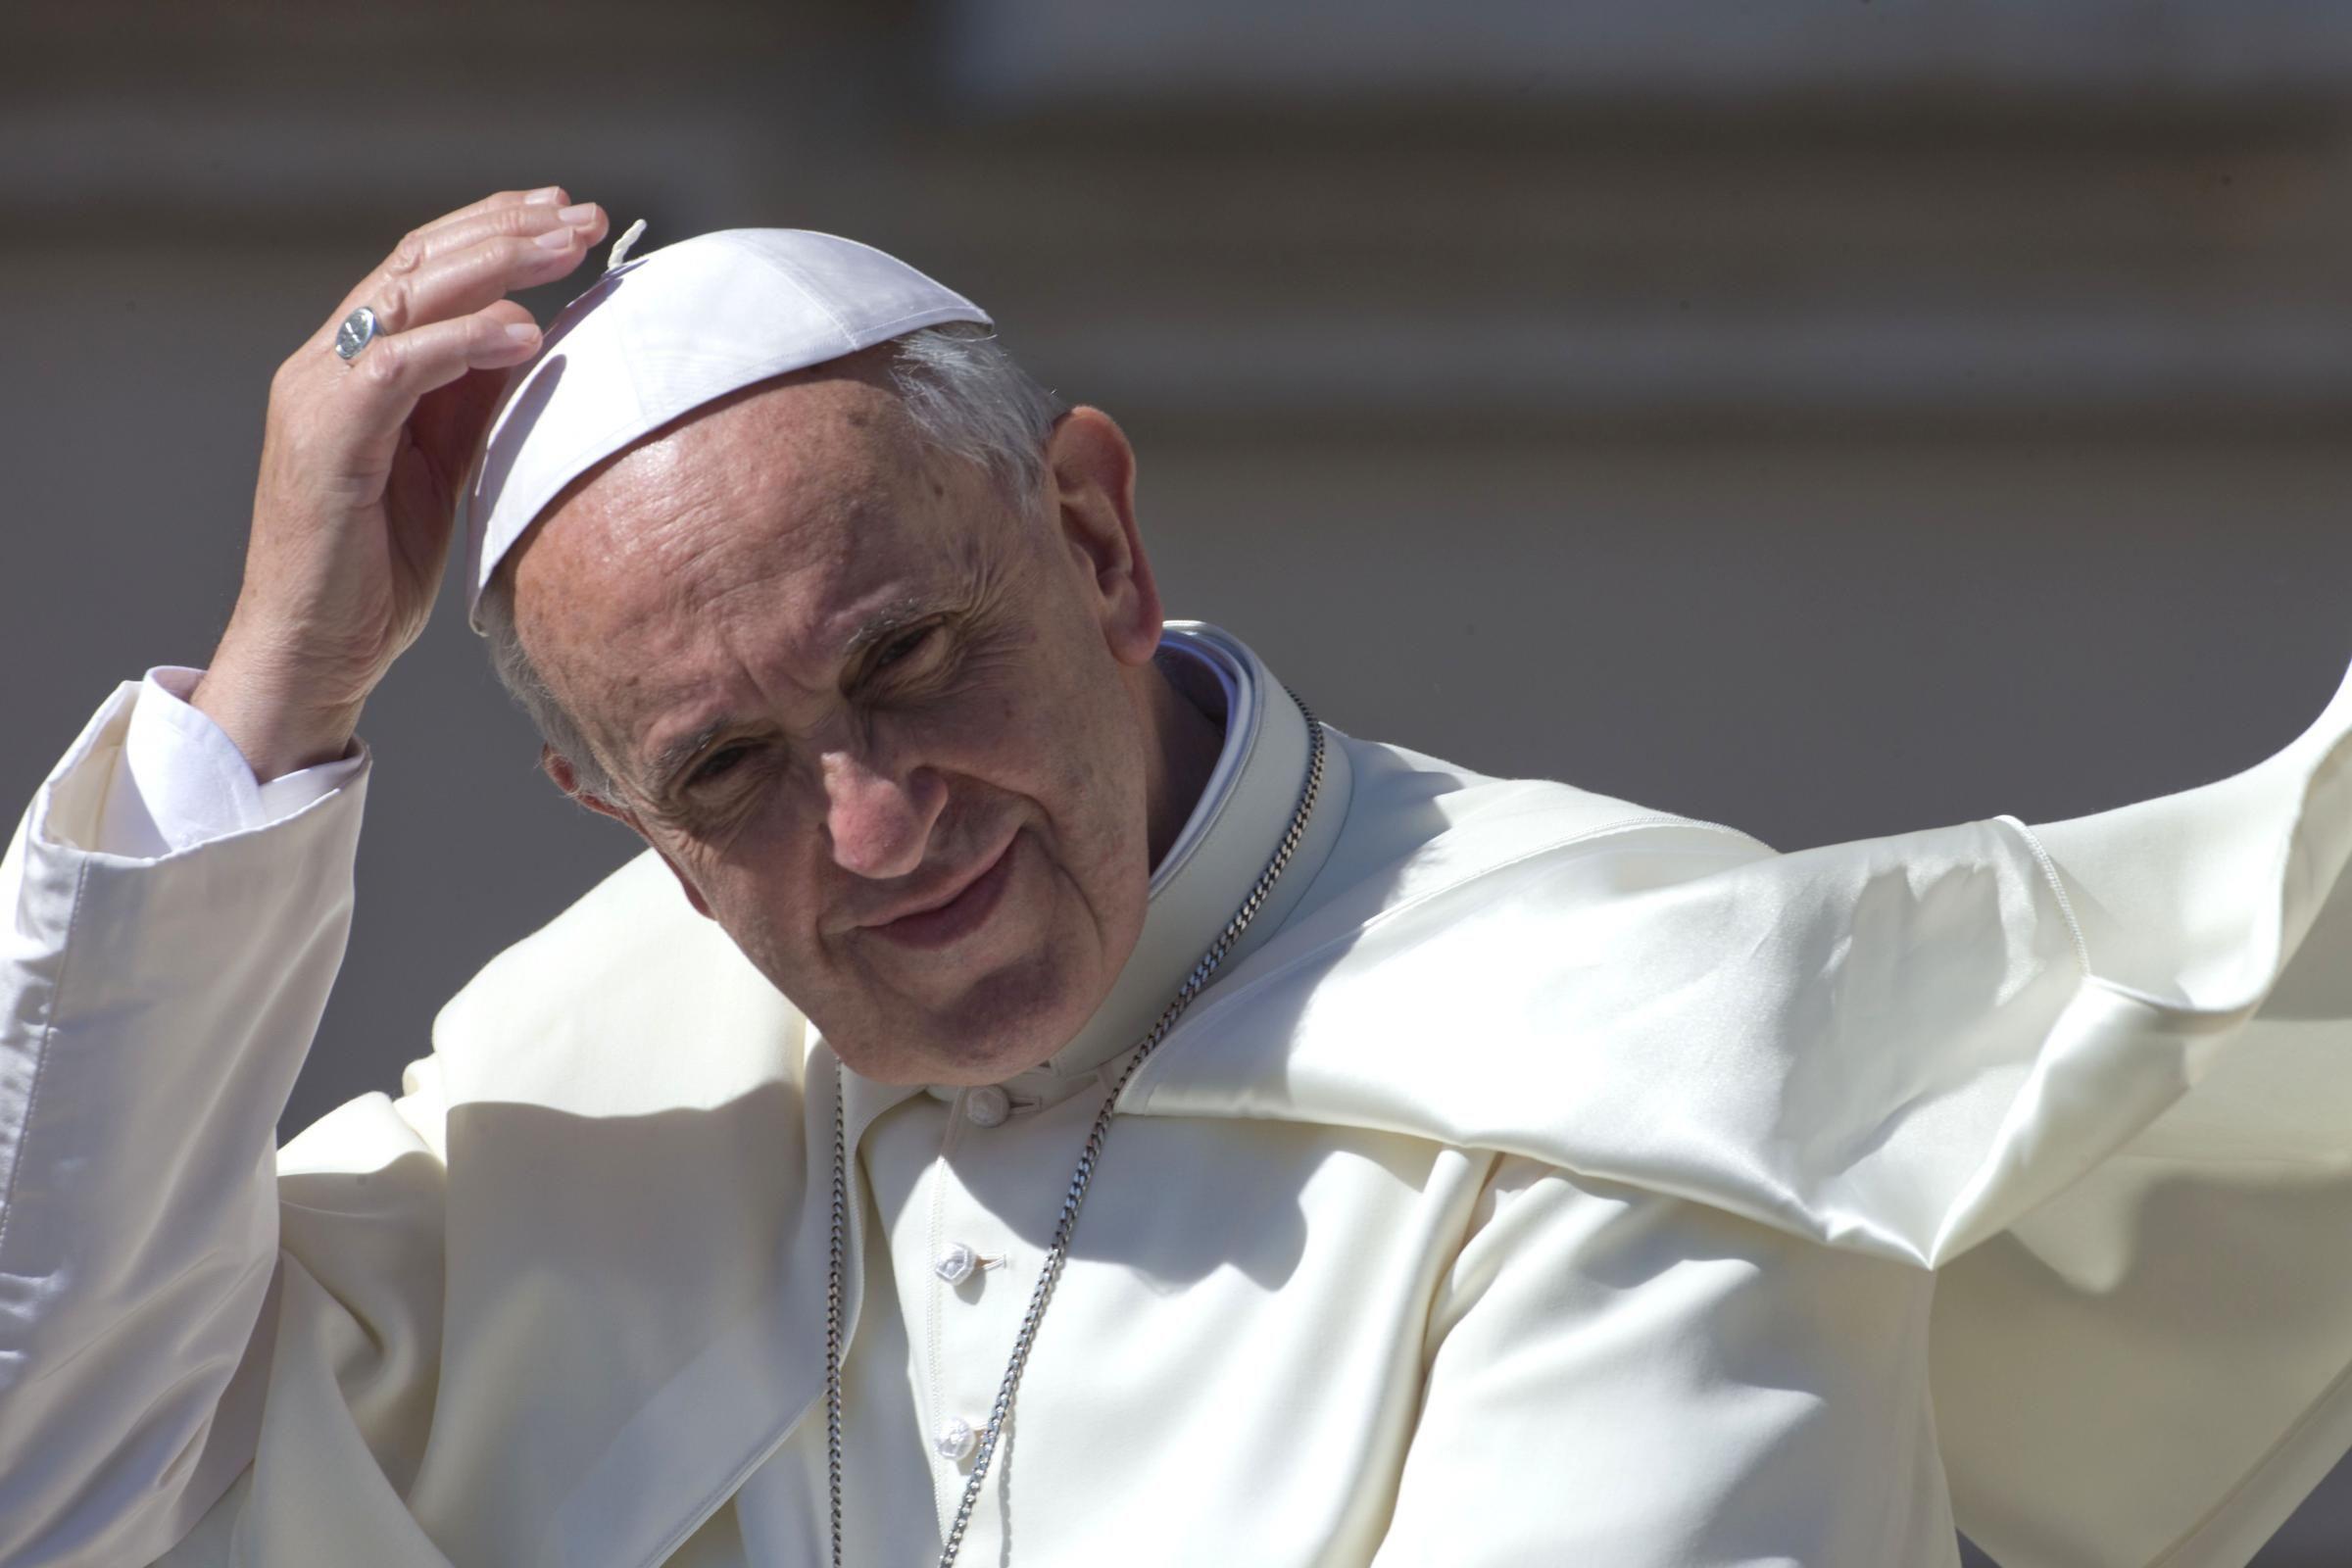 papa francesco foto ufficiale - Cerca con Google